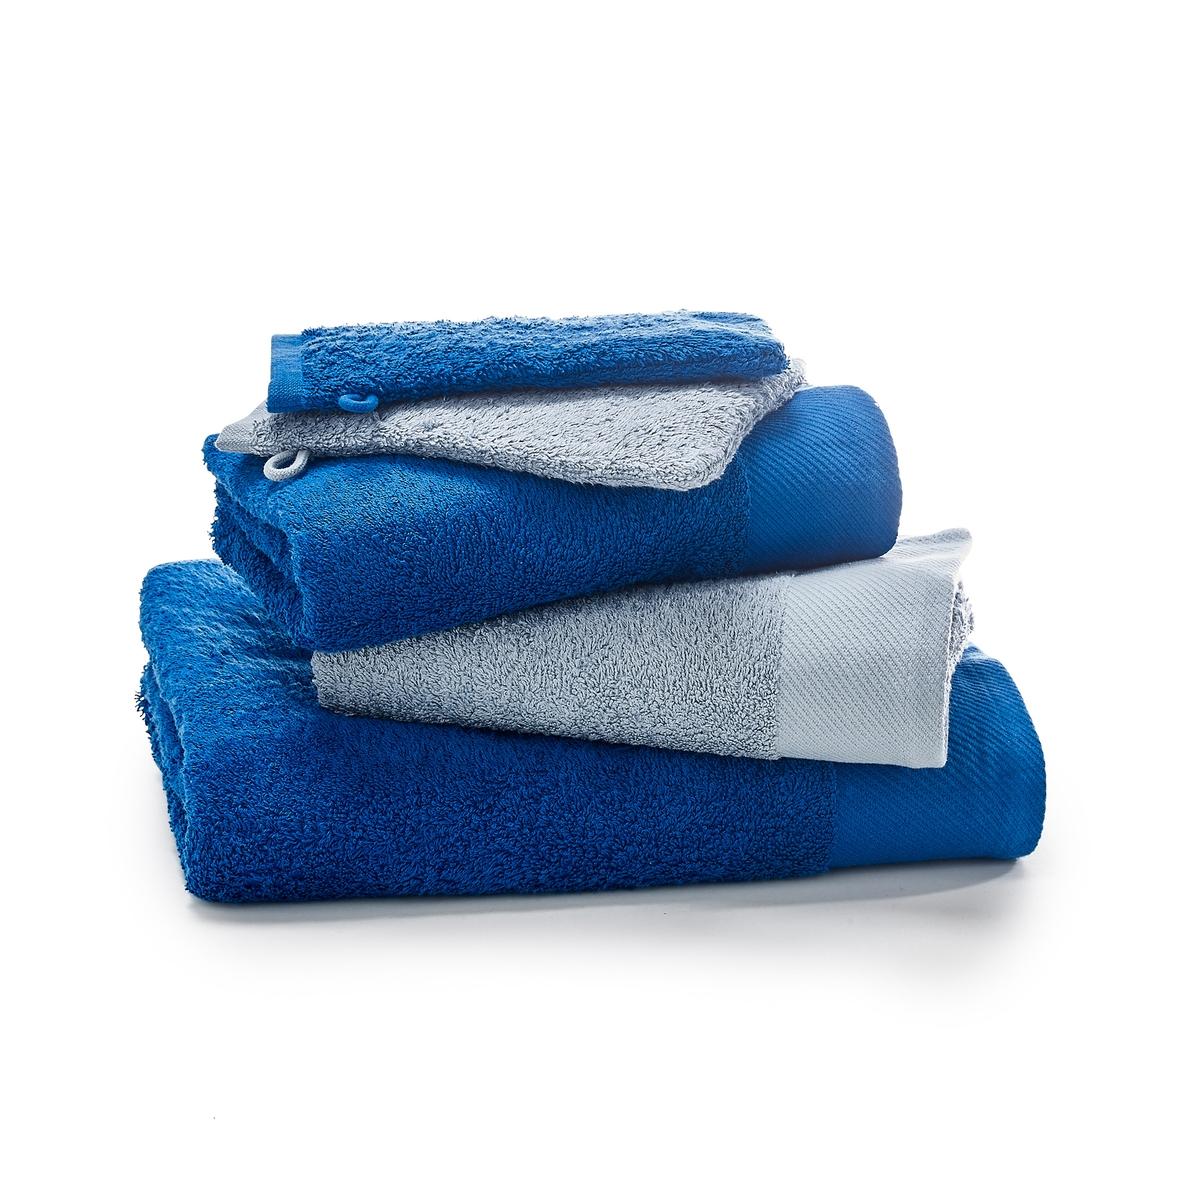 Комплект банный из 5 предметов, махровая ткань